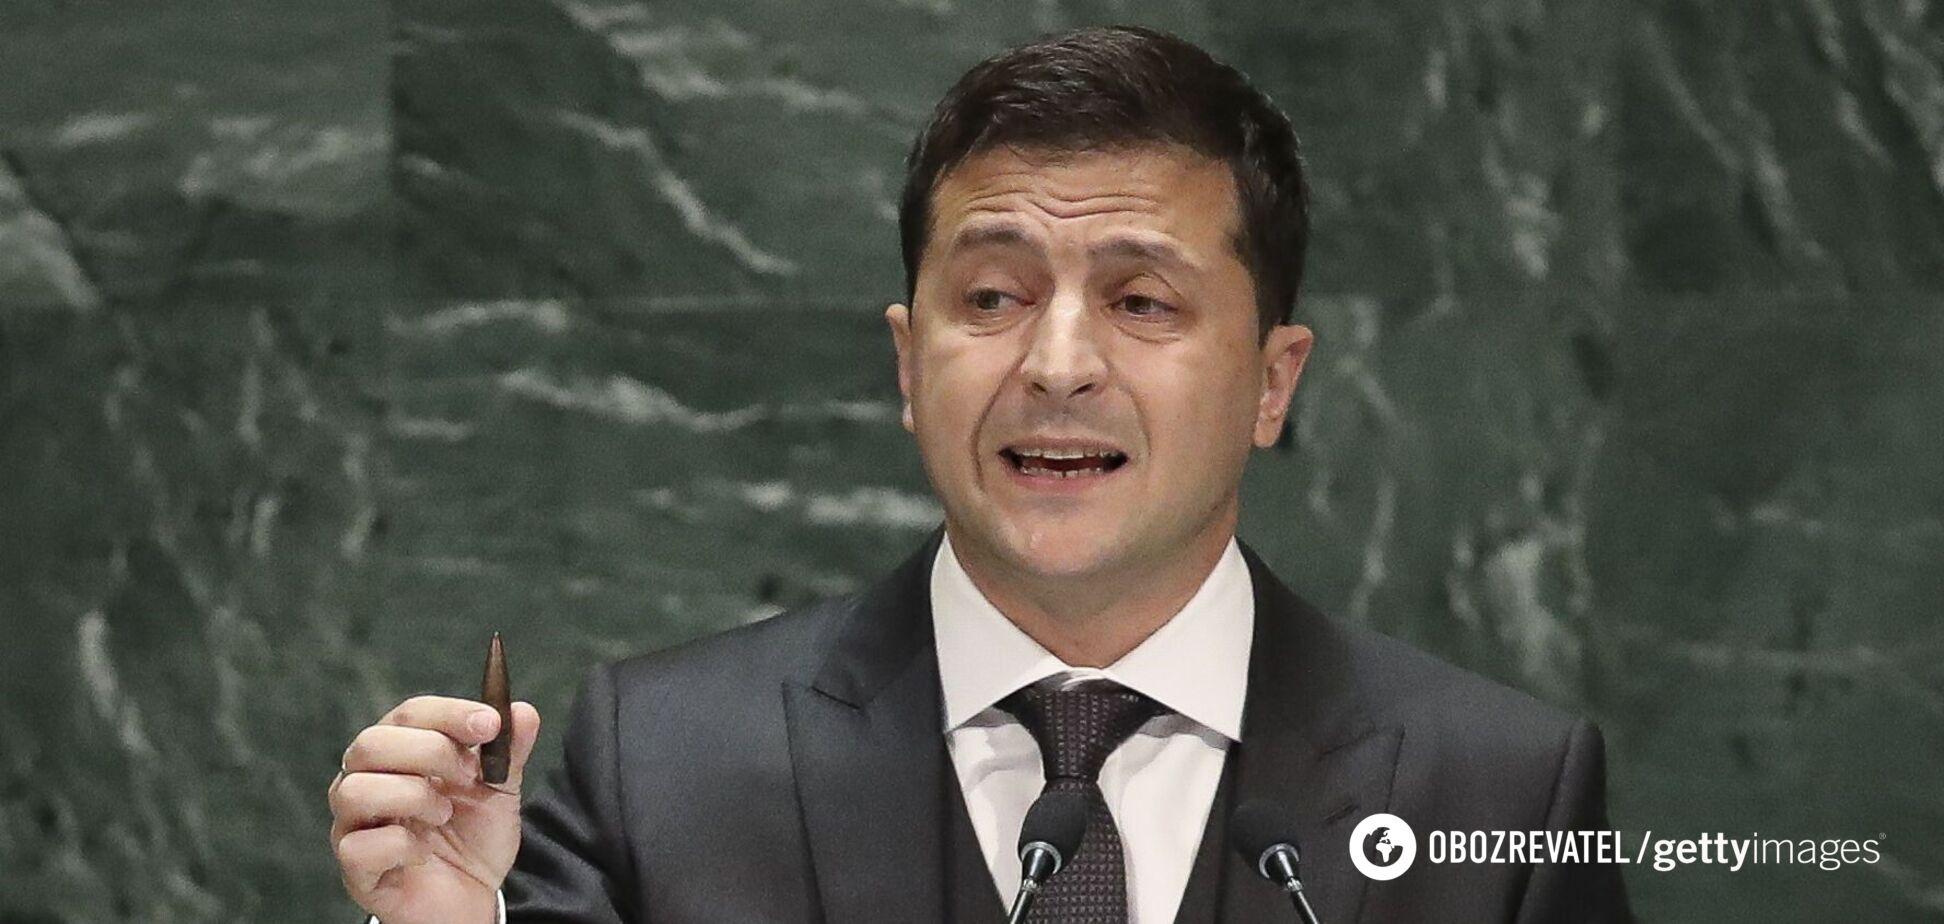 Зеленський: Україну повинні негайно прийняти в НАТО, це питання безпеки